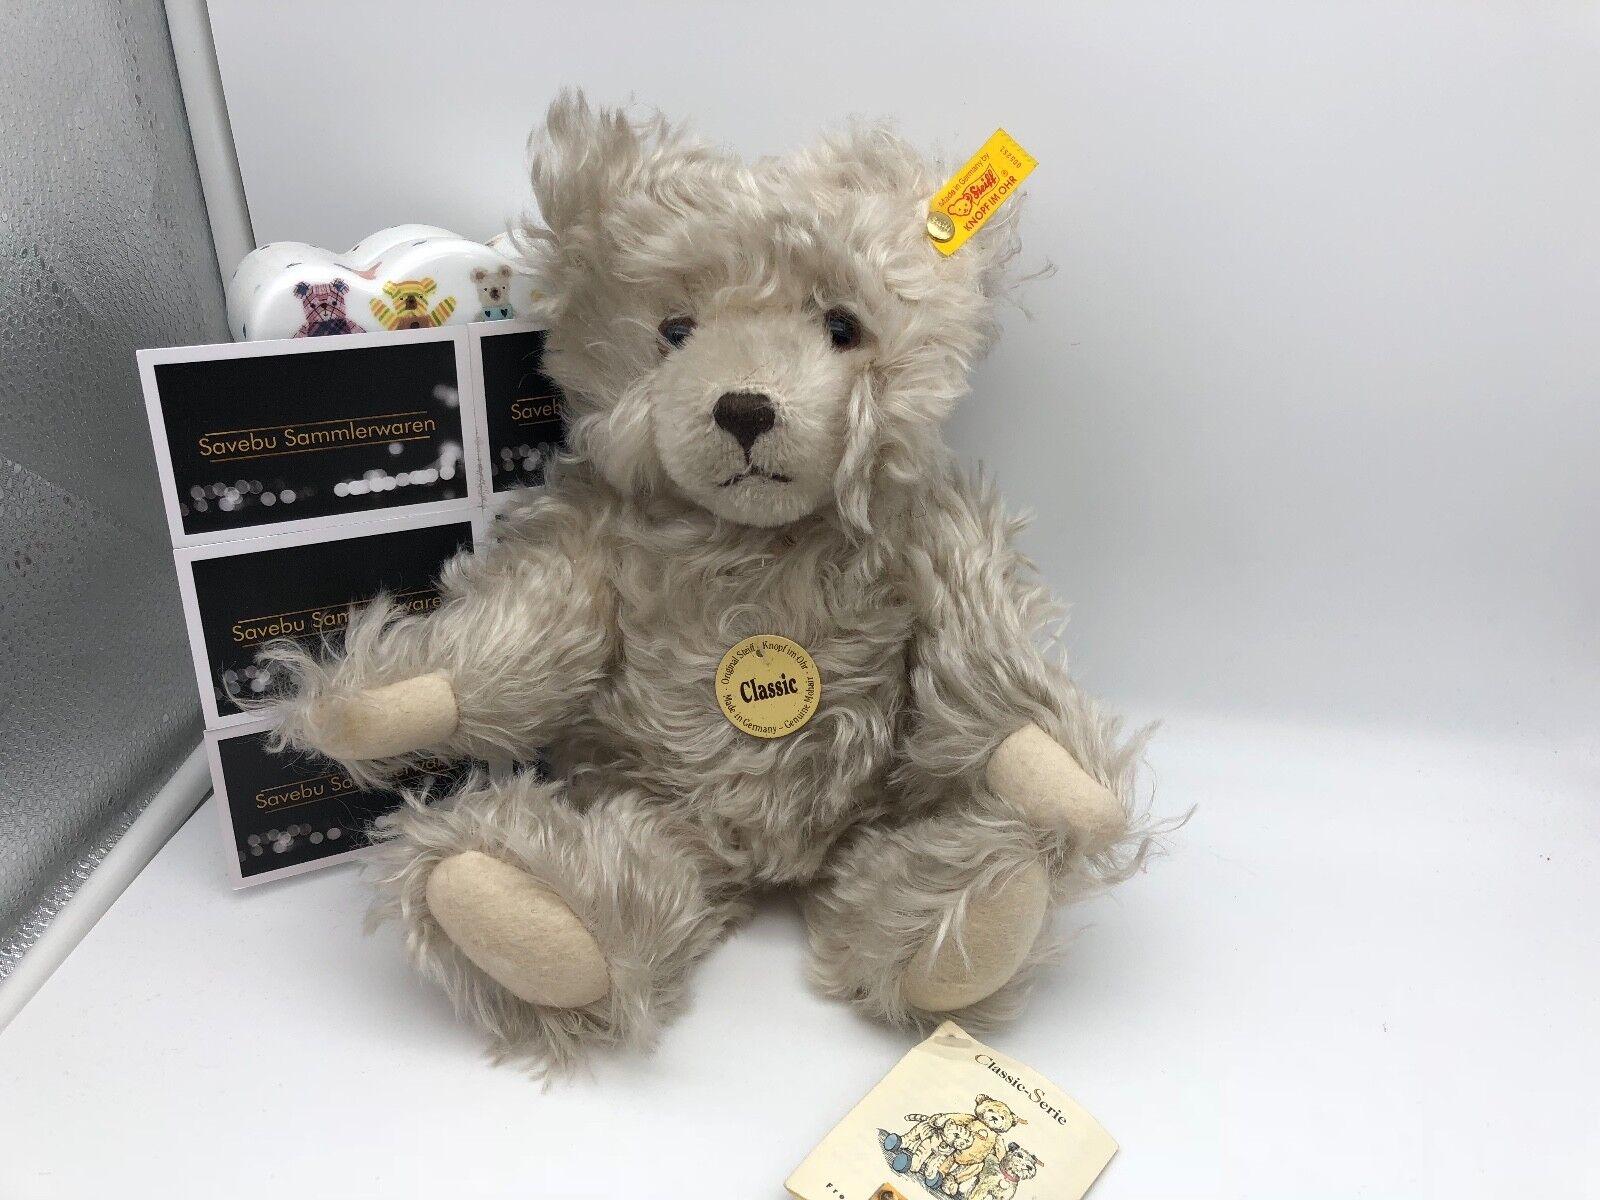 Steiff Animal 005251 Classic Teddy Bear 28 Cm. Top Condition